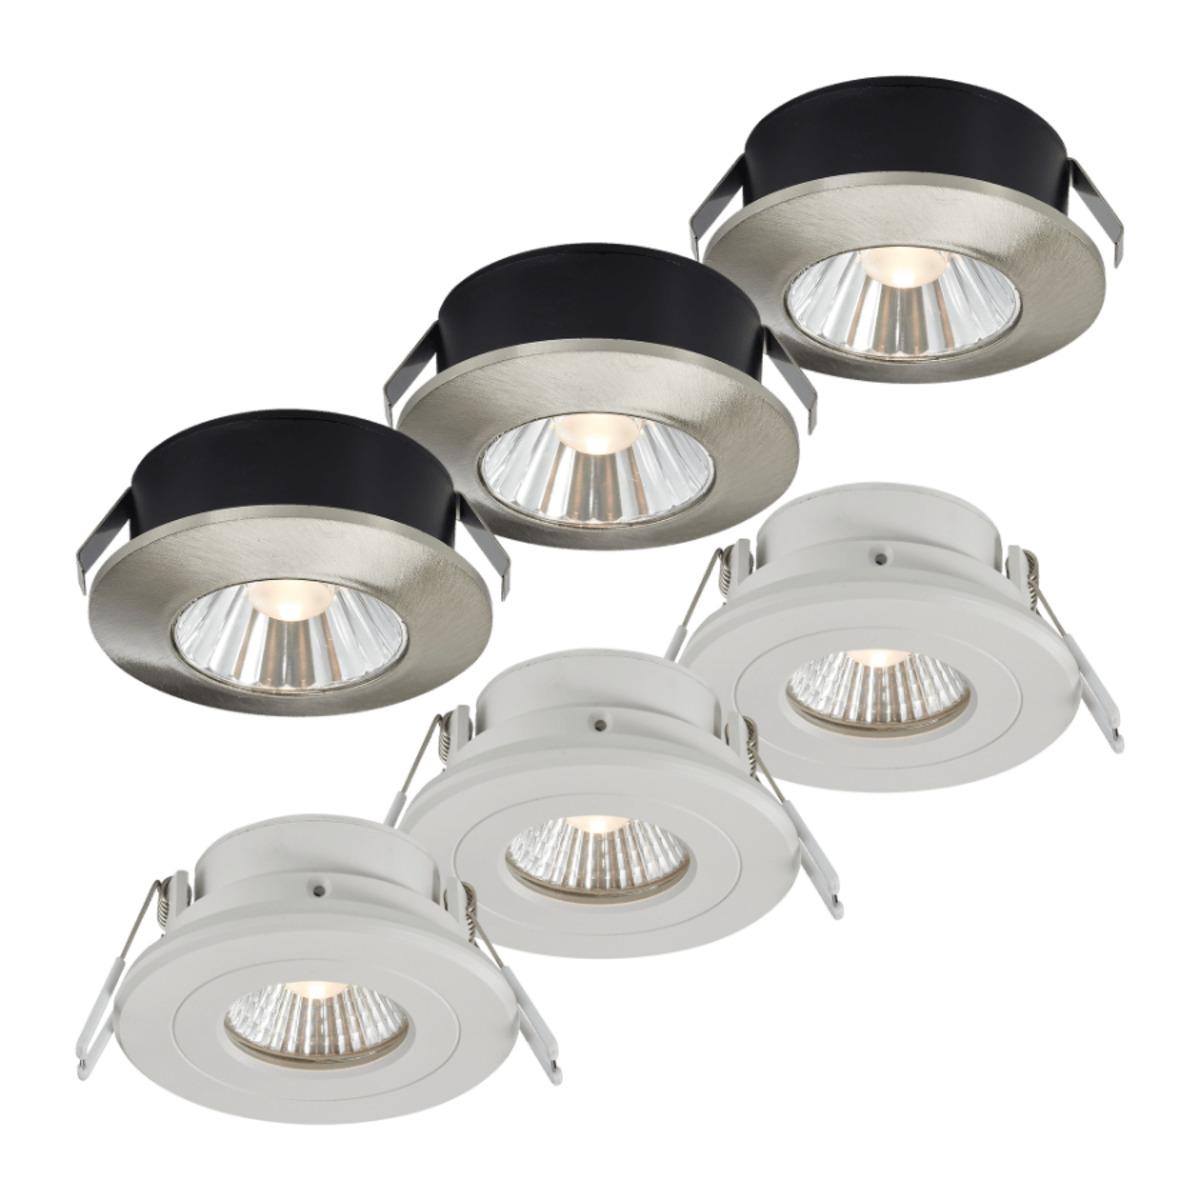 Bild 1 von LIGHTZONE     LED-Einbauleuchten